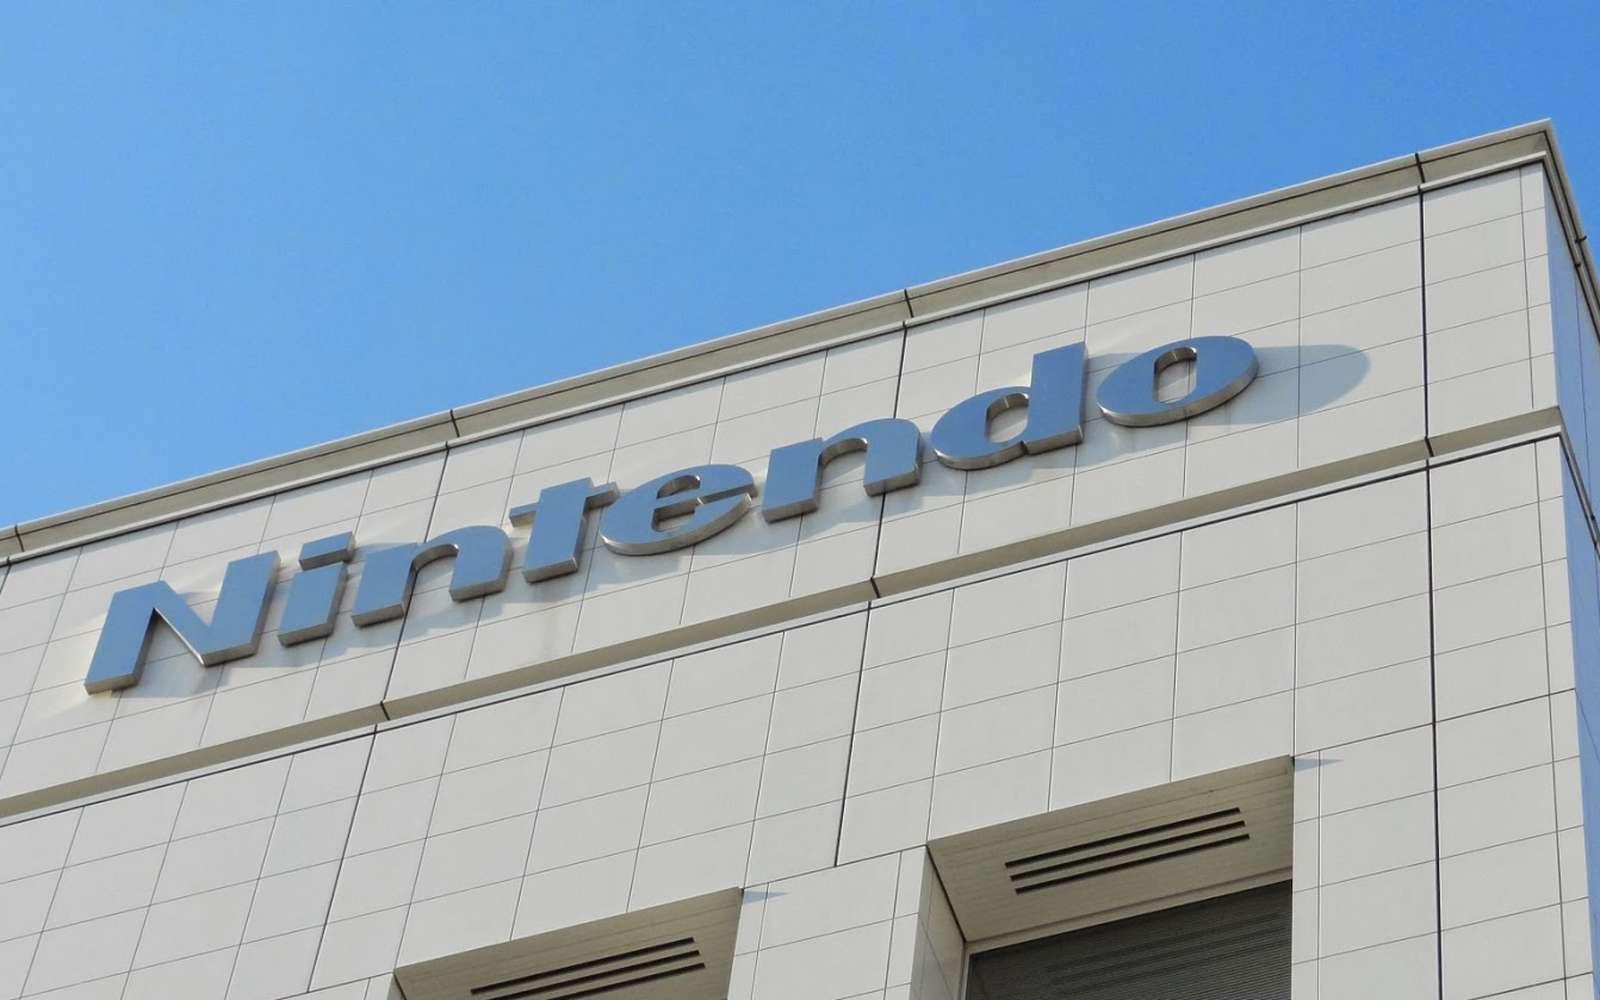 Maison mère de Nintendo © nintendoblast.com.br